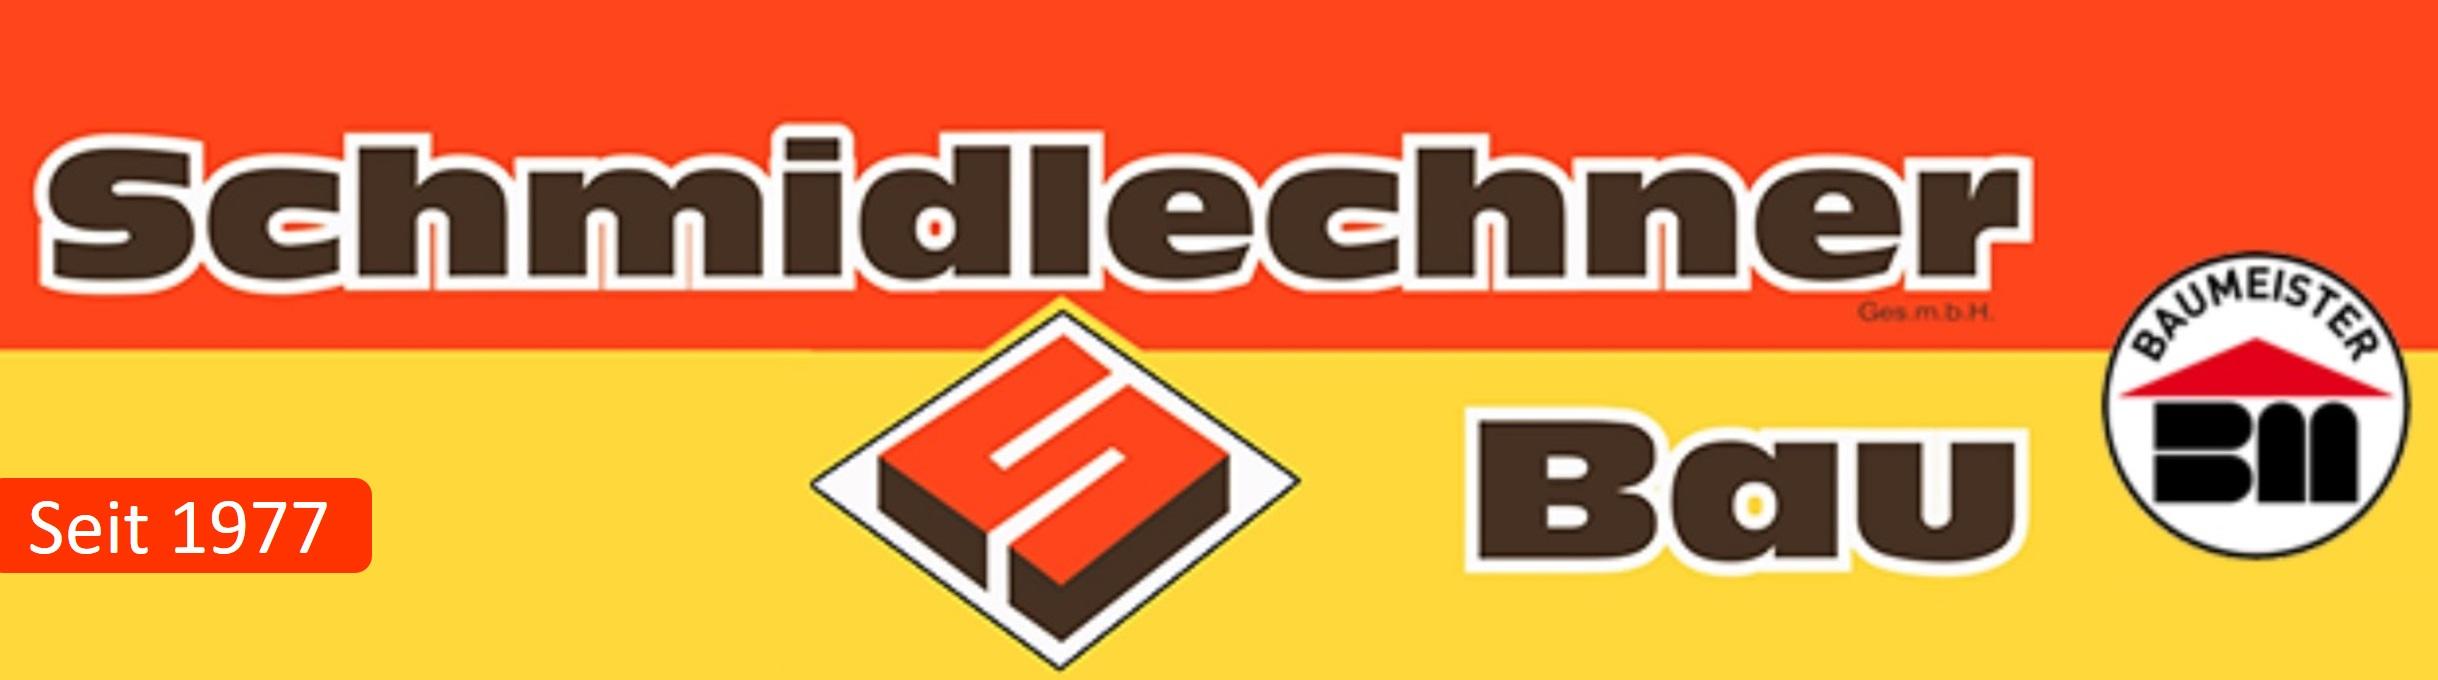 Schmidlechner Bau GmbH . Baumeister Salzburg . Wohnbau